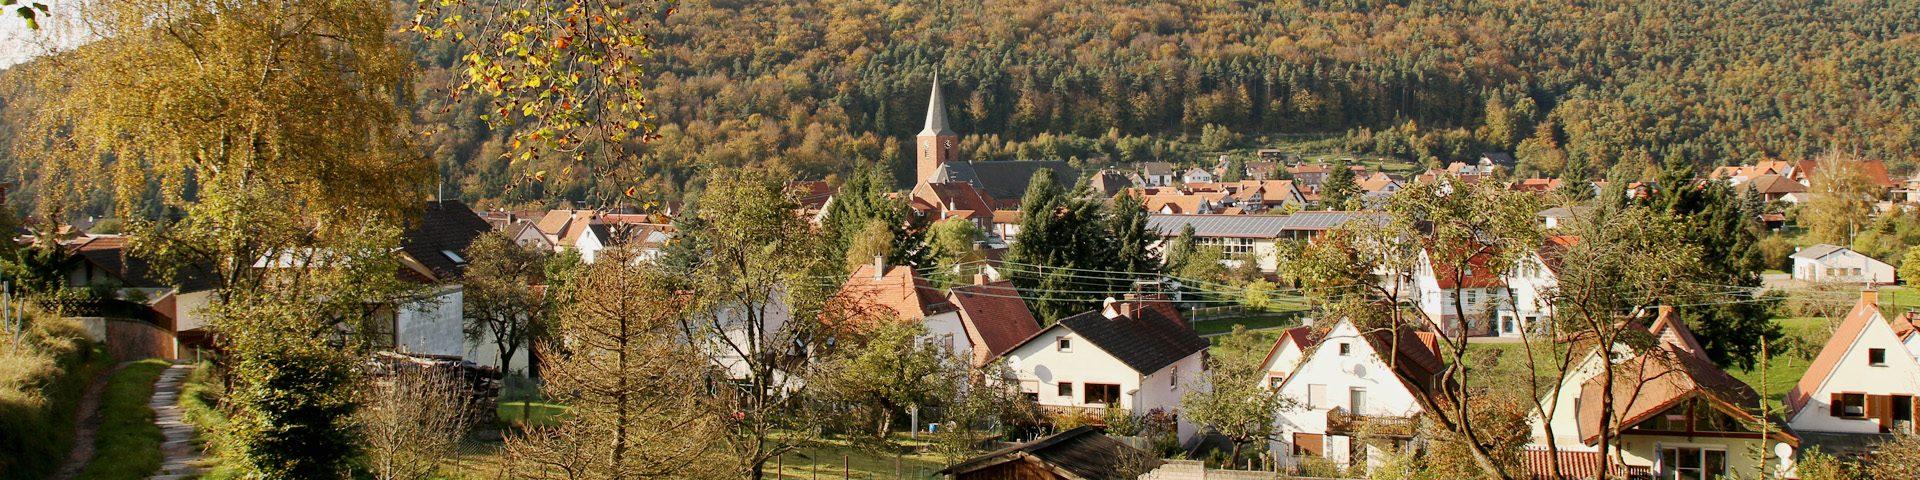 Gemeinde Esthal